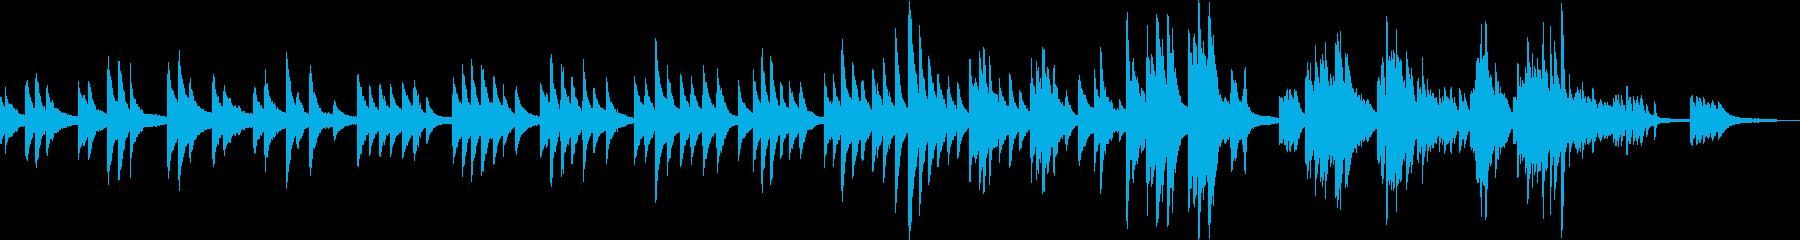 温かくて少し切ない、王道のピアノバラードの再生済みの波形